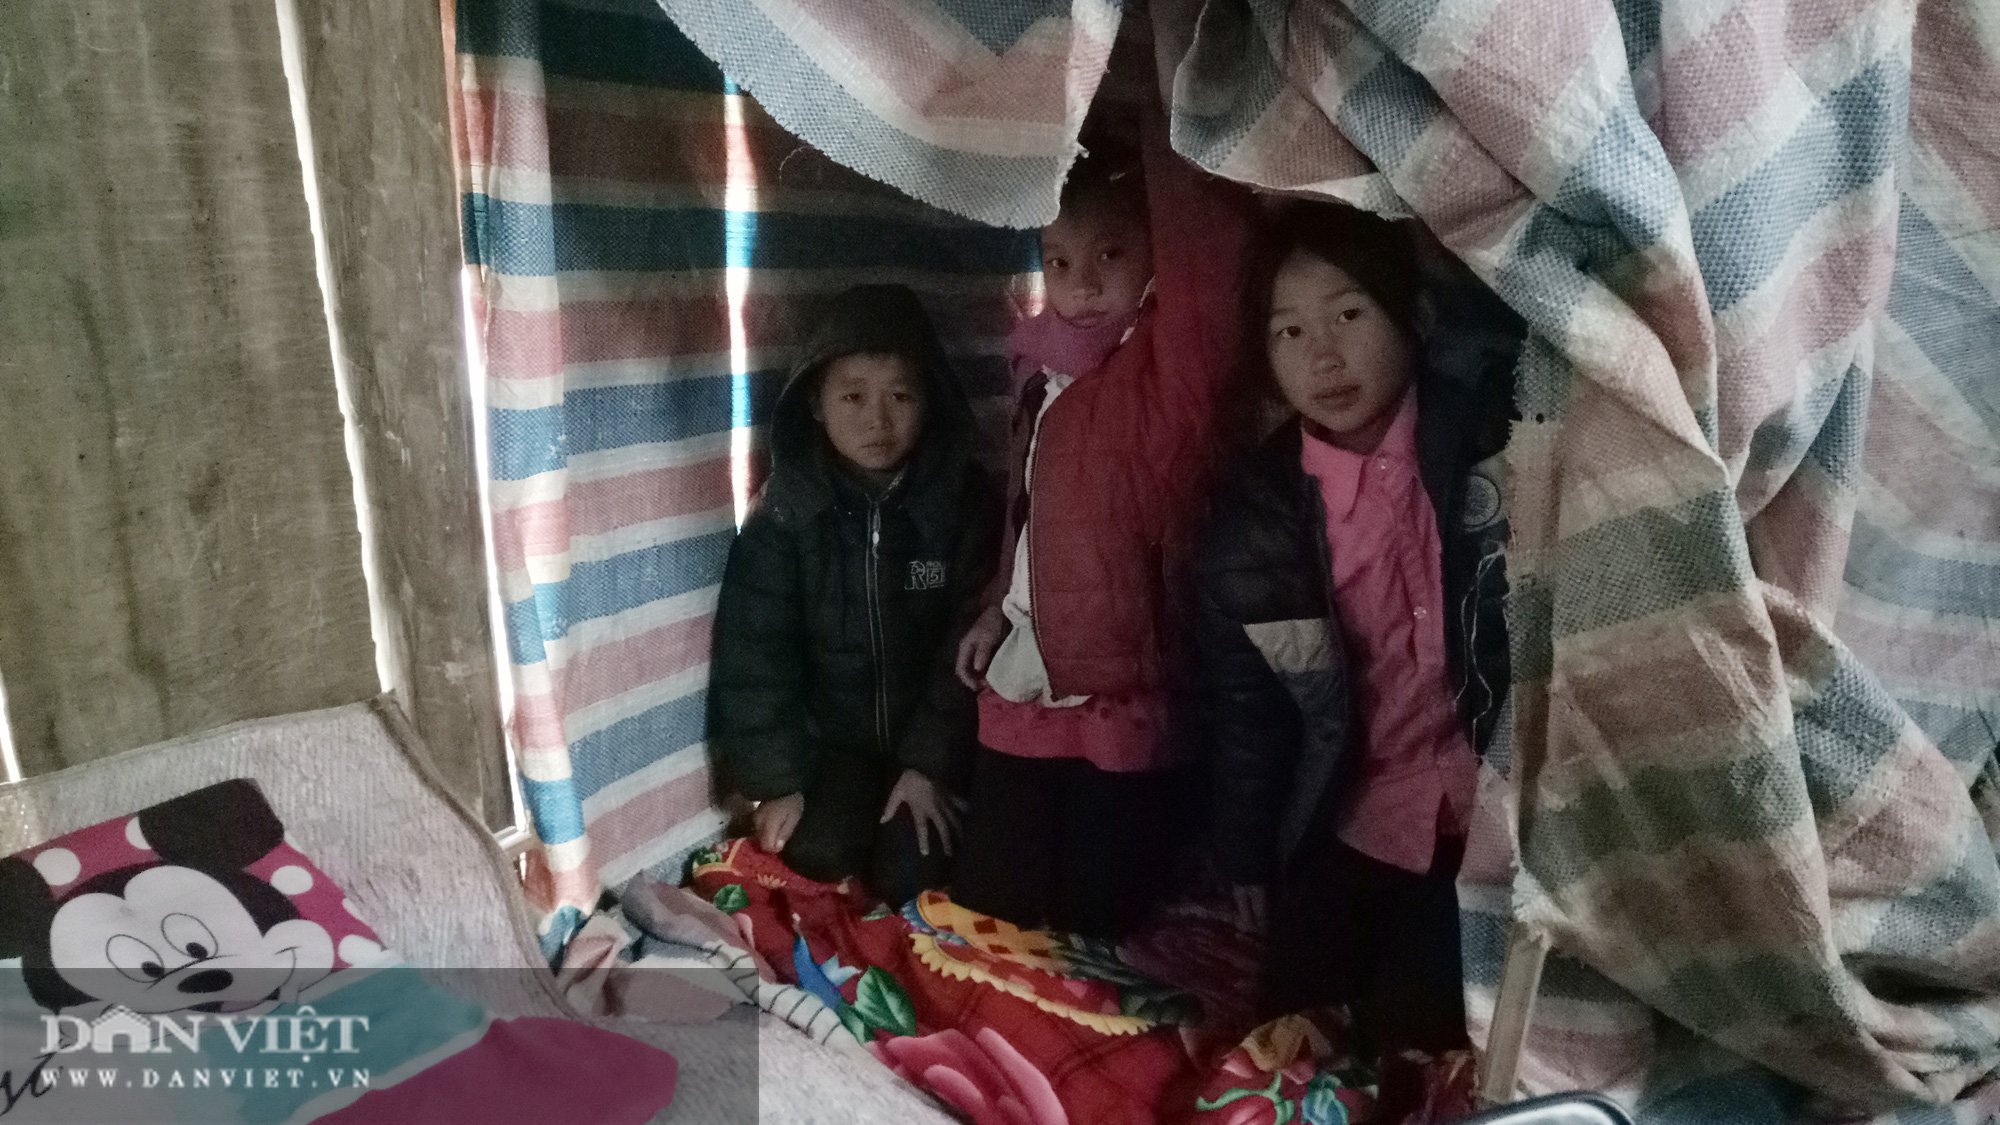 Hàng trăm trường học ở Sơn La cho học sinh nghỉ học do rét đậm - Ảnh 3.